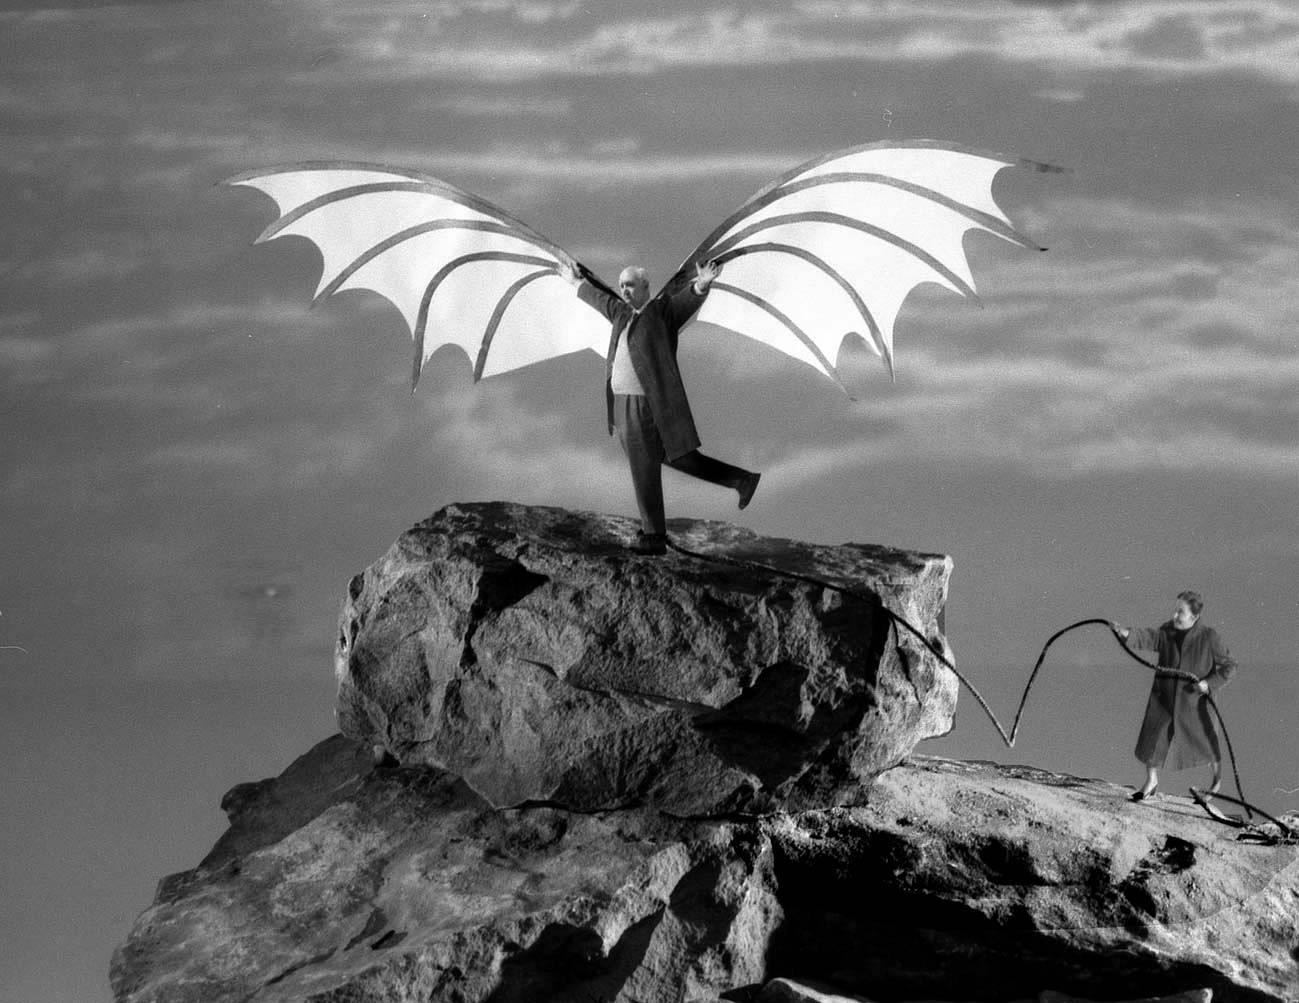 Fotó: Gilbert Garcin: Ikarosz repülése (Leonardo da Vinci után), 2005 © Gilbert Garcin